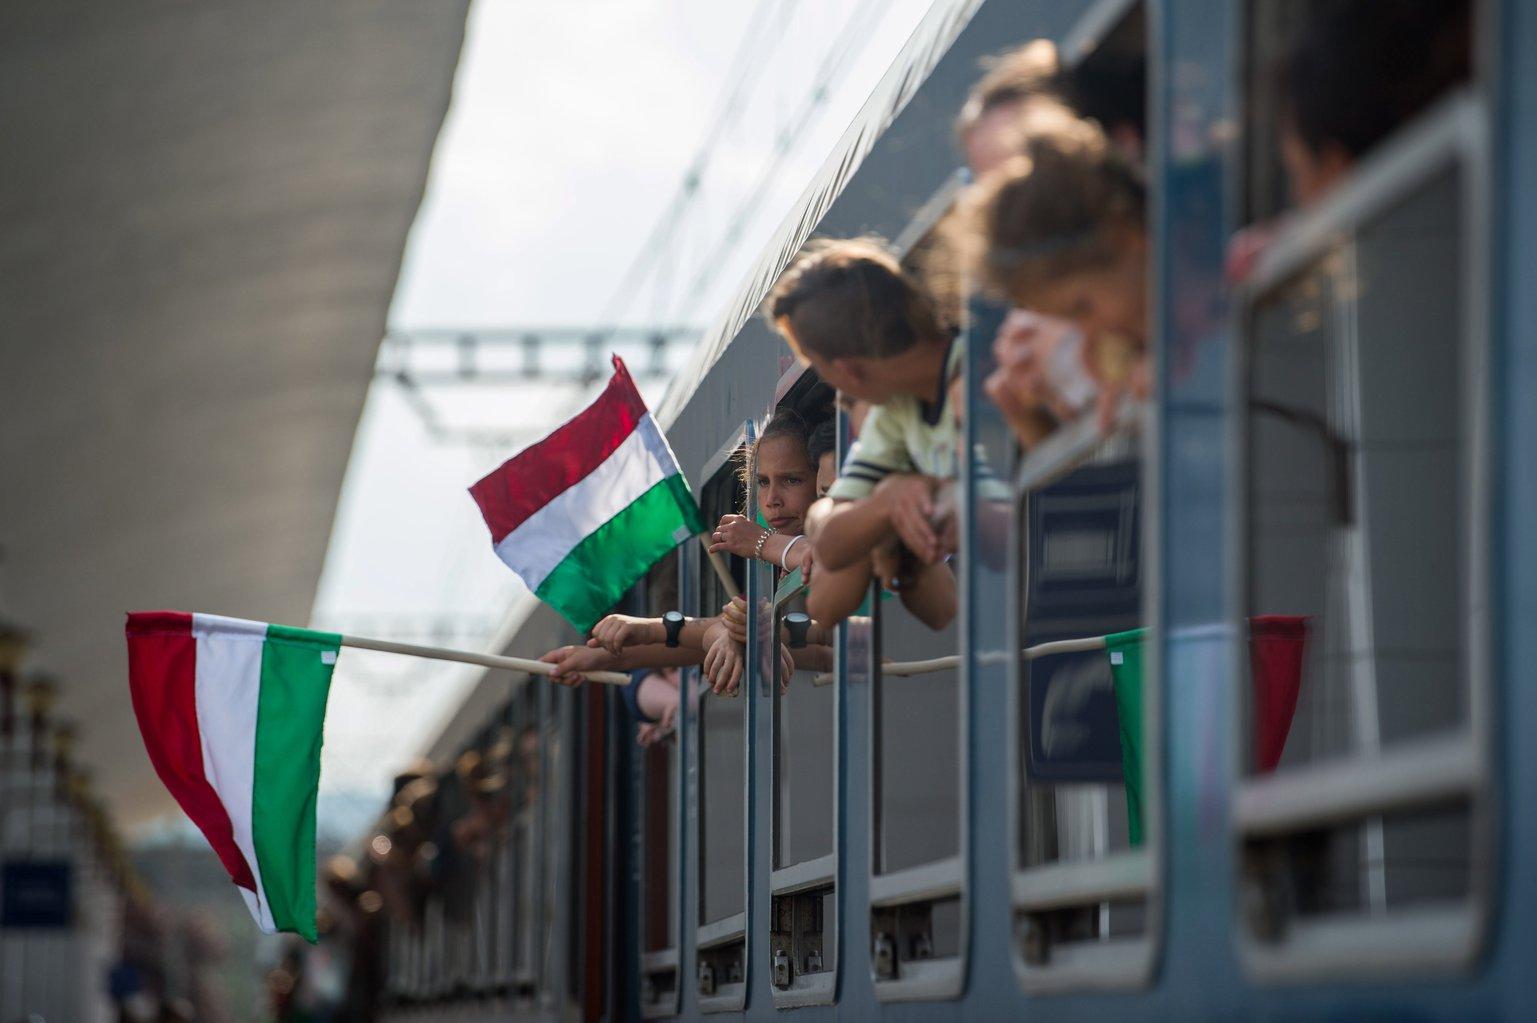 A csíksomlyói búcsúba tartó Boldogasszony zarándokvonat a kolozsvári vasútállomáson 2017. június 1-jén. MTI Fotó: Balogh Zoltán